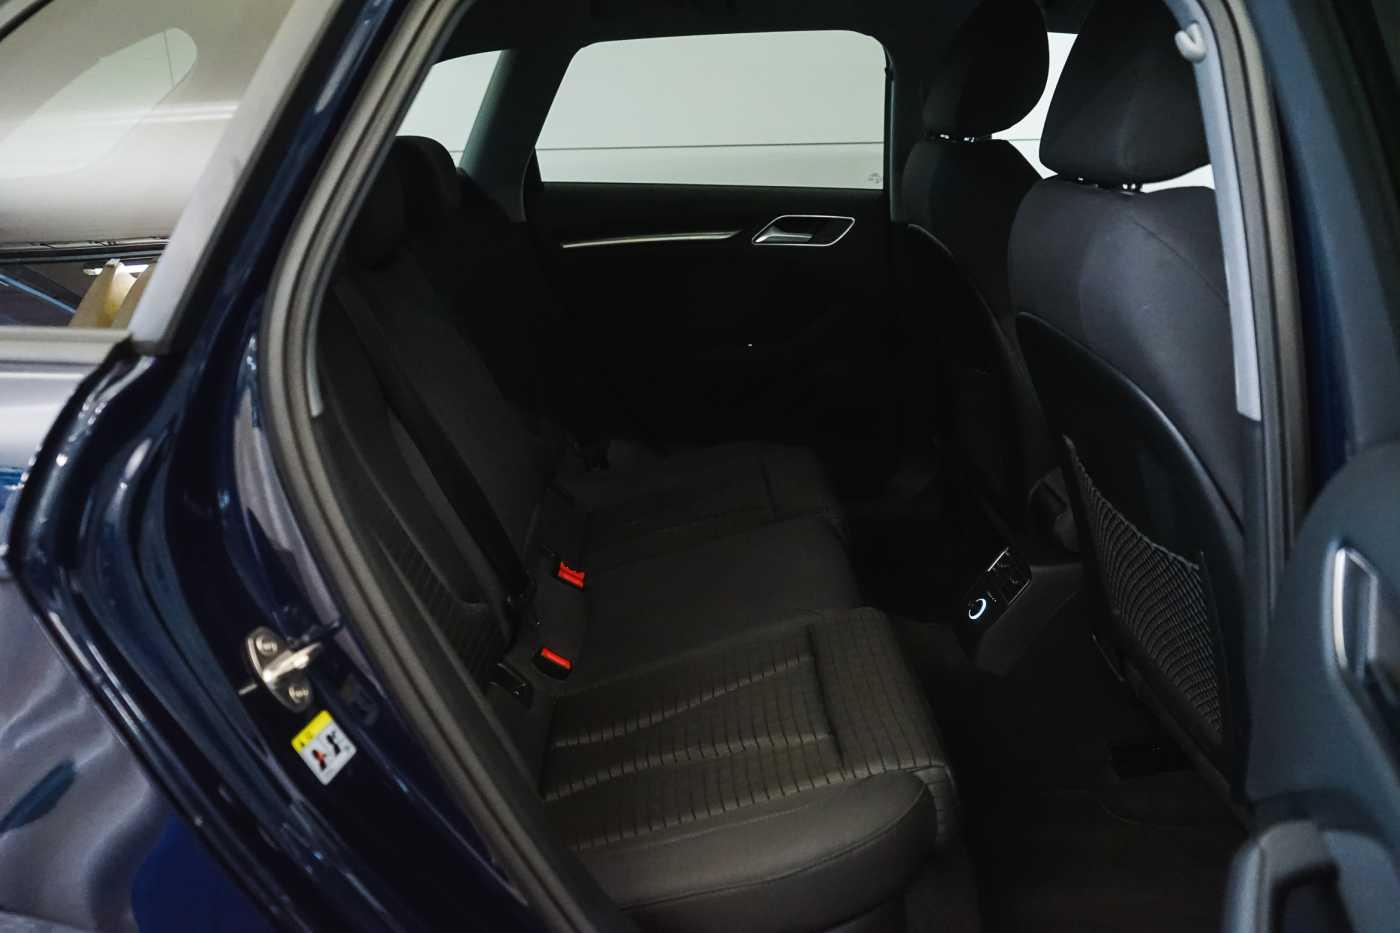 Audi A3 1.6 TDi Sport // dualzone airco, navi, zetelverwarming 10/33